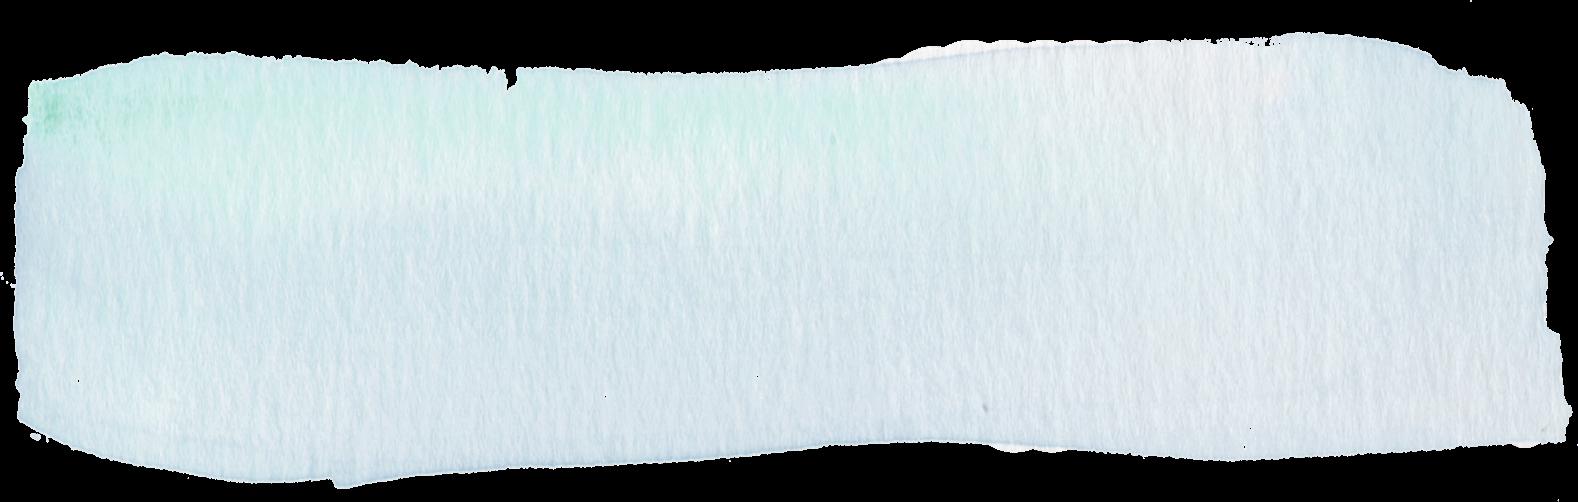 Watercolor swash